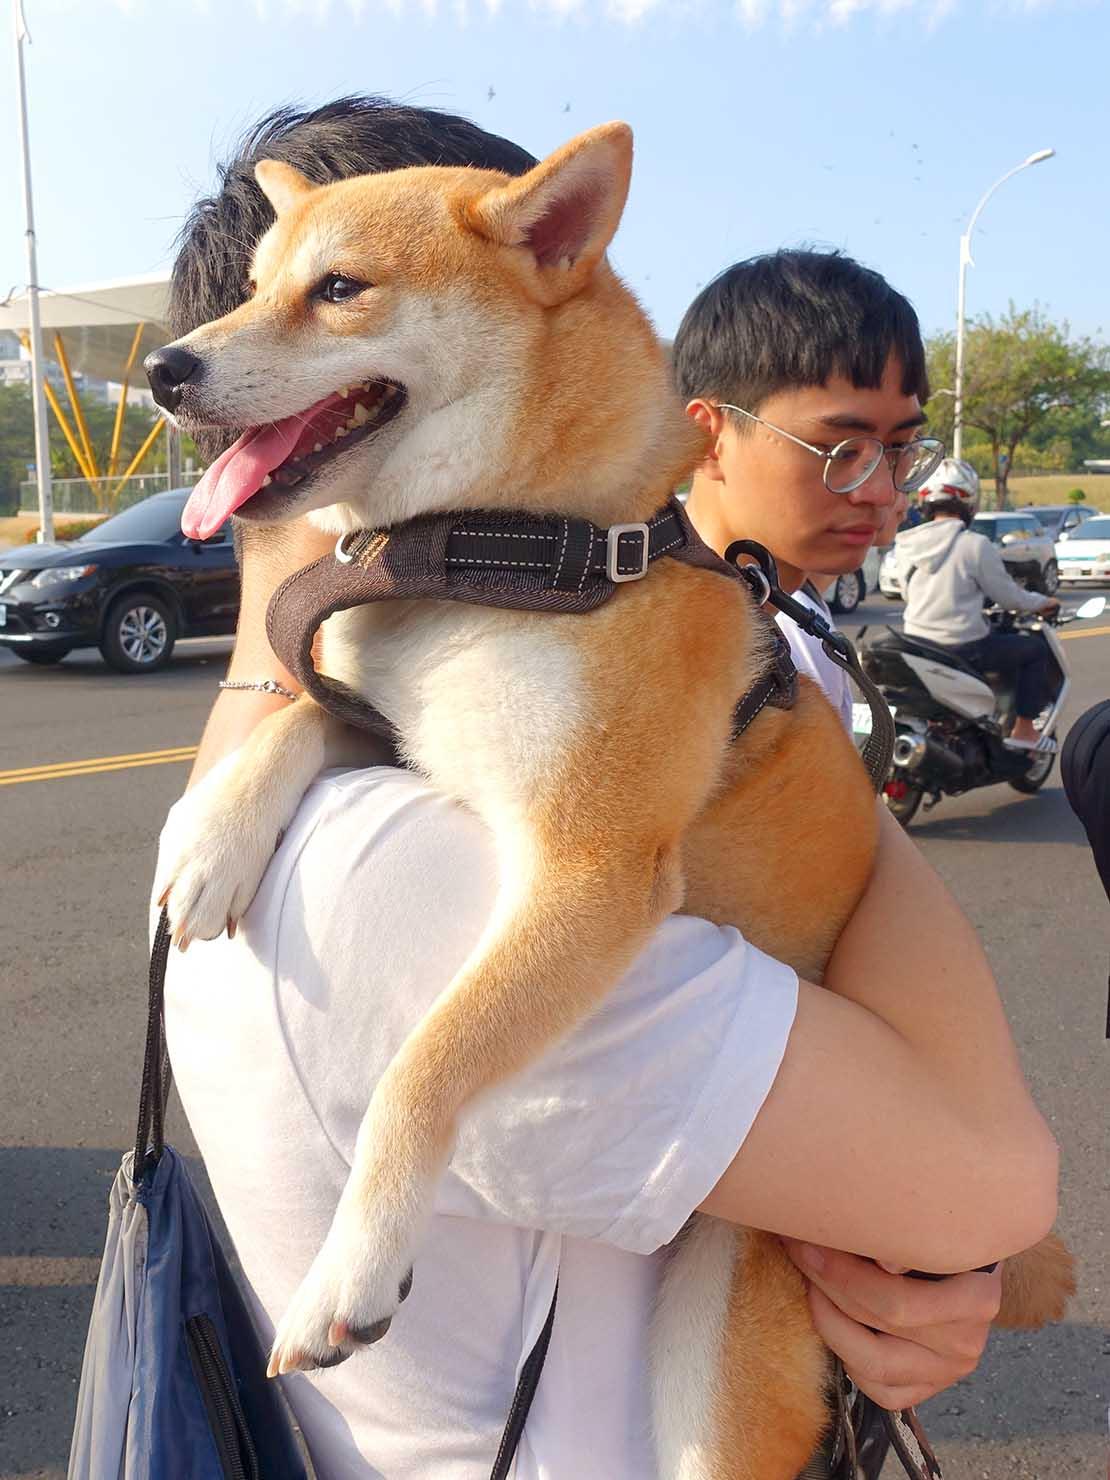 「高雄同志大遊行(高雄プライド)」2019のパレードをご主人に抱かれて参加する柴犬